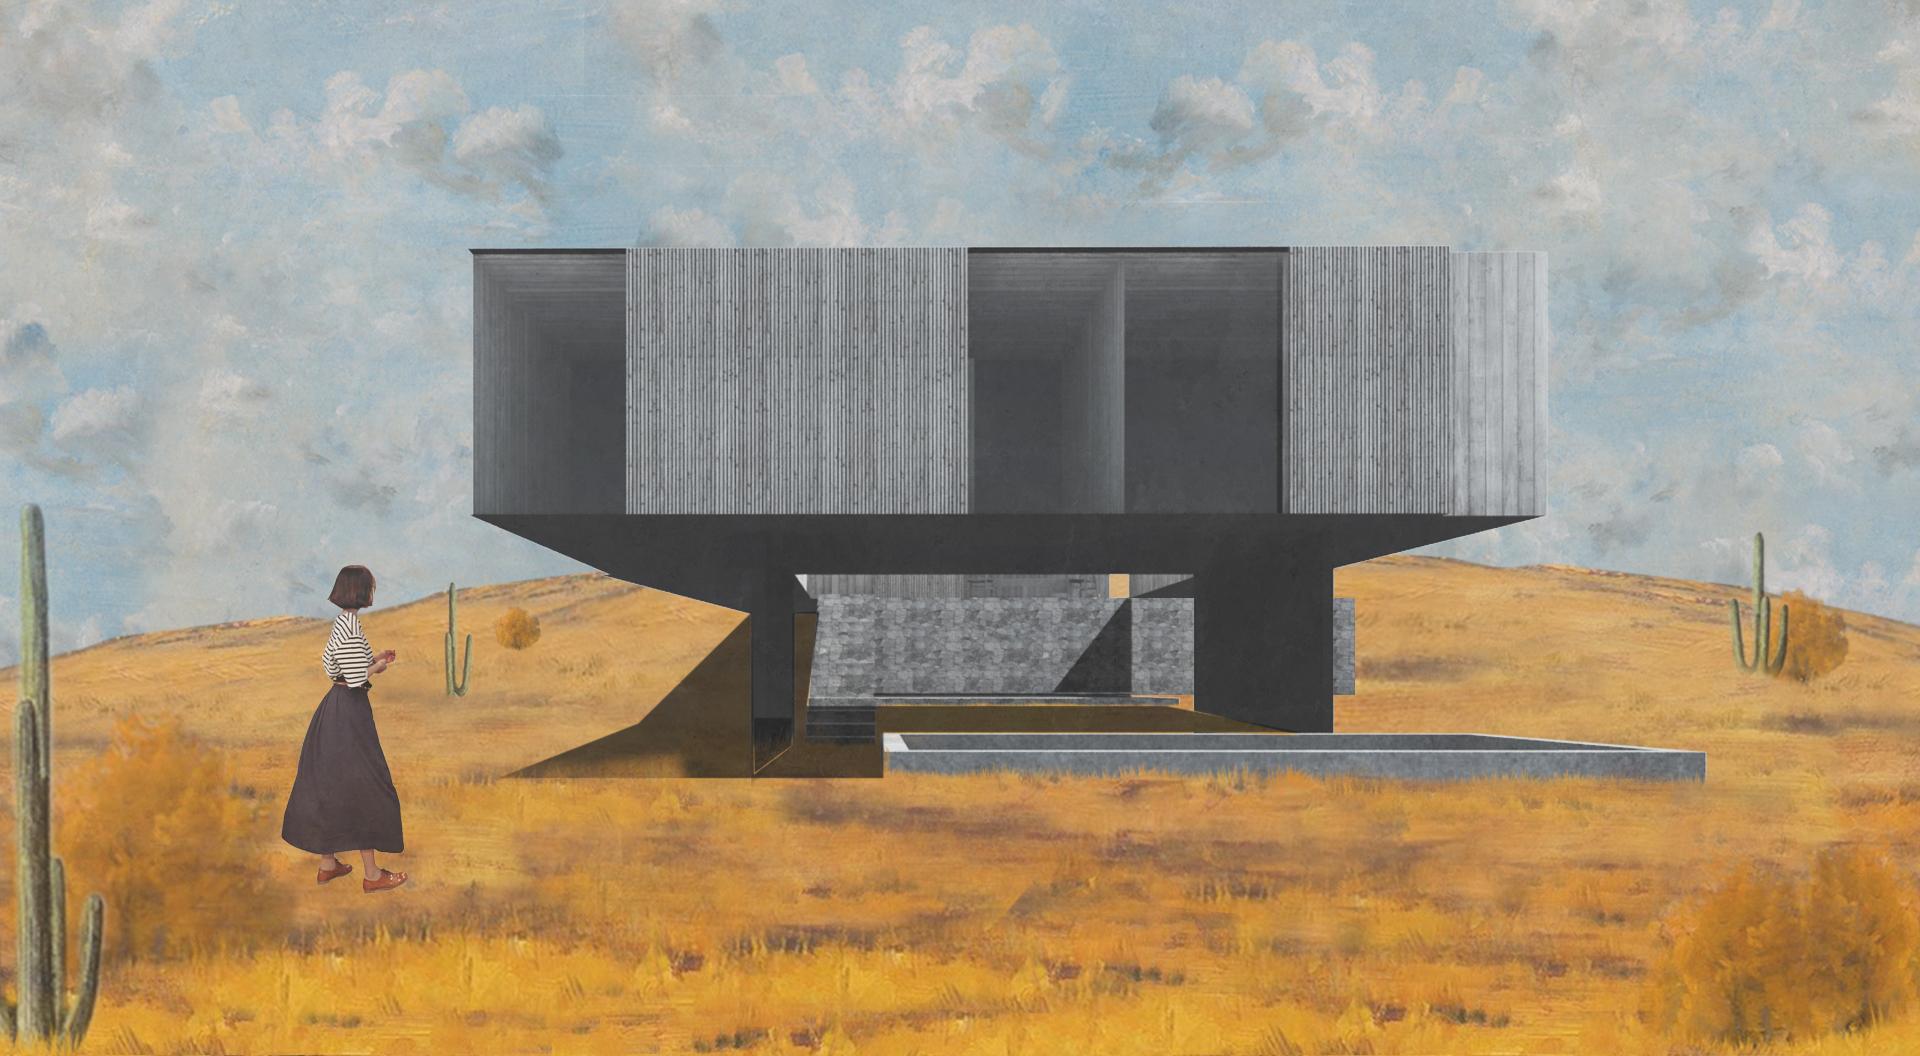 Casa del patio estrellado